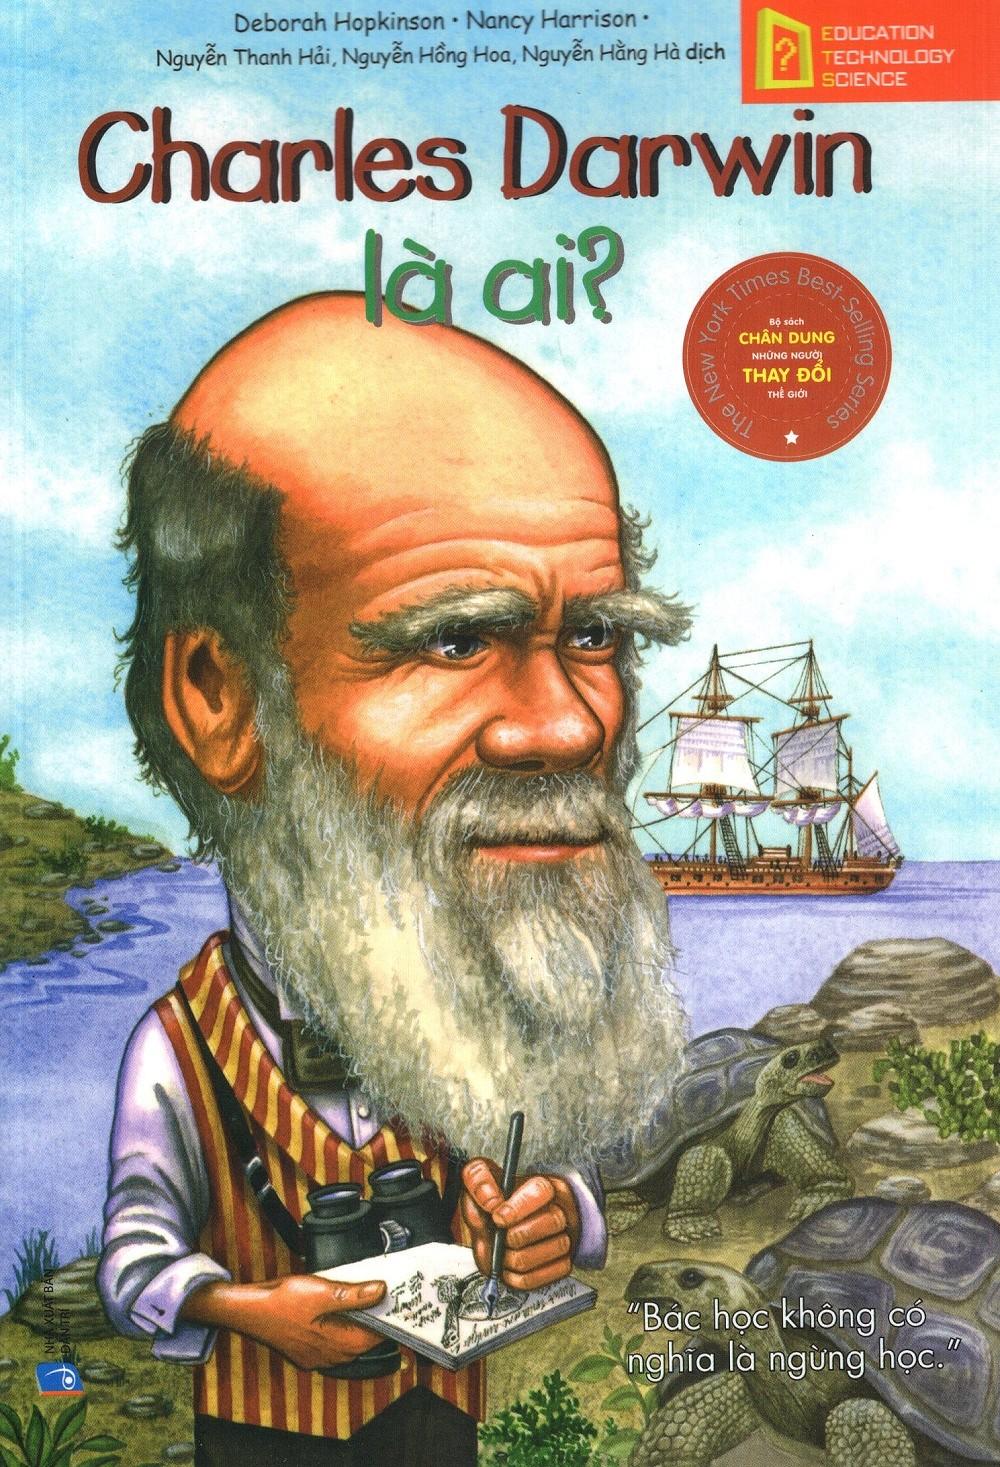 Bộ Sách Chân Dung Những Người Thay Đổi Thế Giới - Charles Darwin Là Ai? - EBOOK/PDF/PRC/EPUB